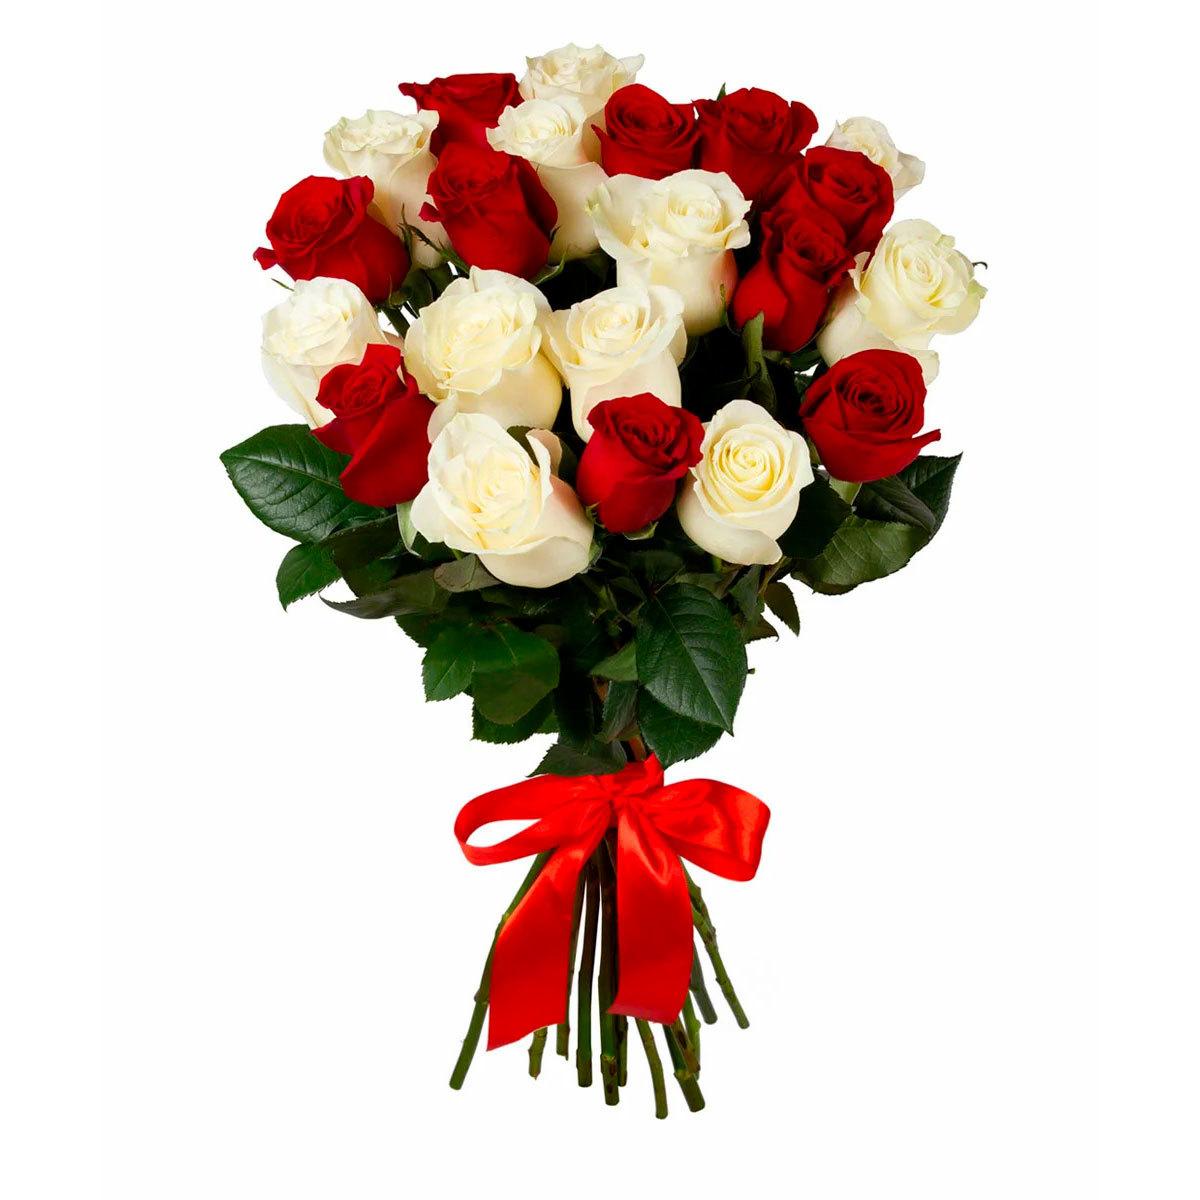 25 красных и белых роз (40 см)